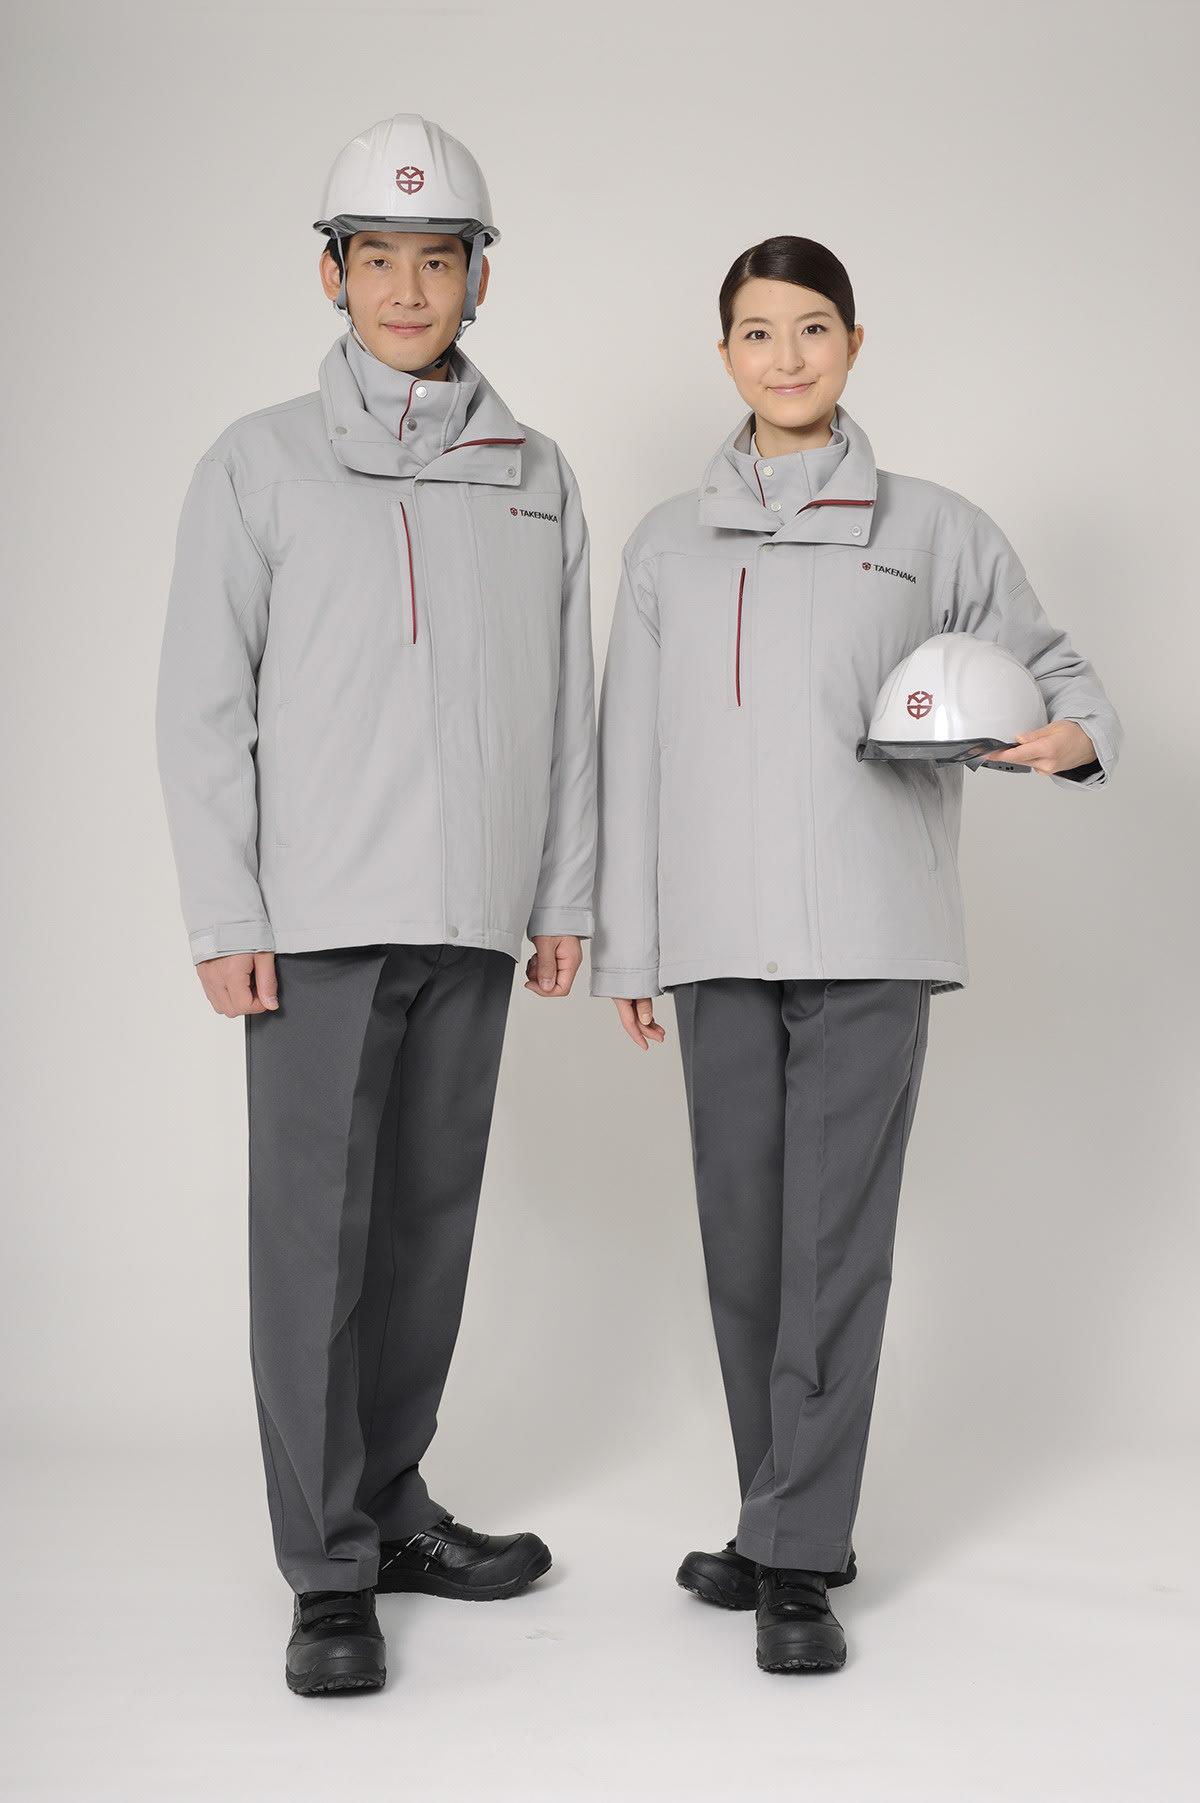 竹中工務店が26年ぶりに作業服を全面刷新、初の女性用サイズも